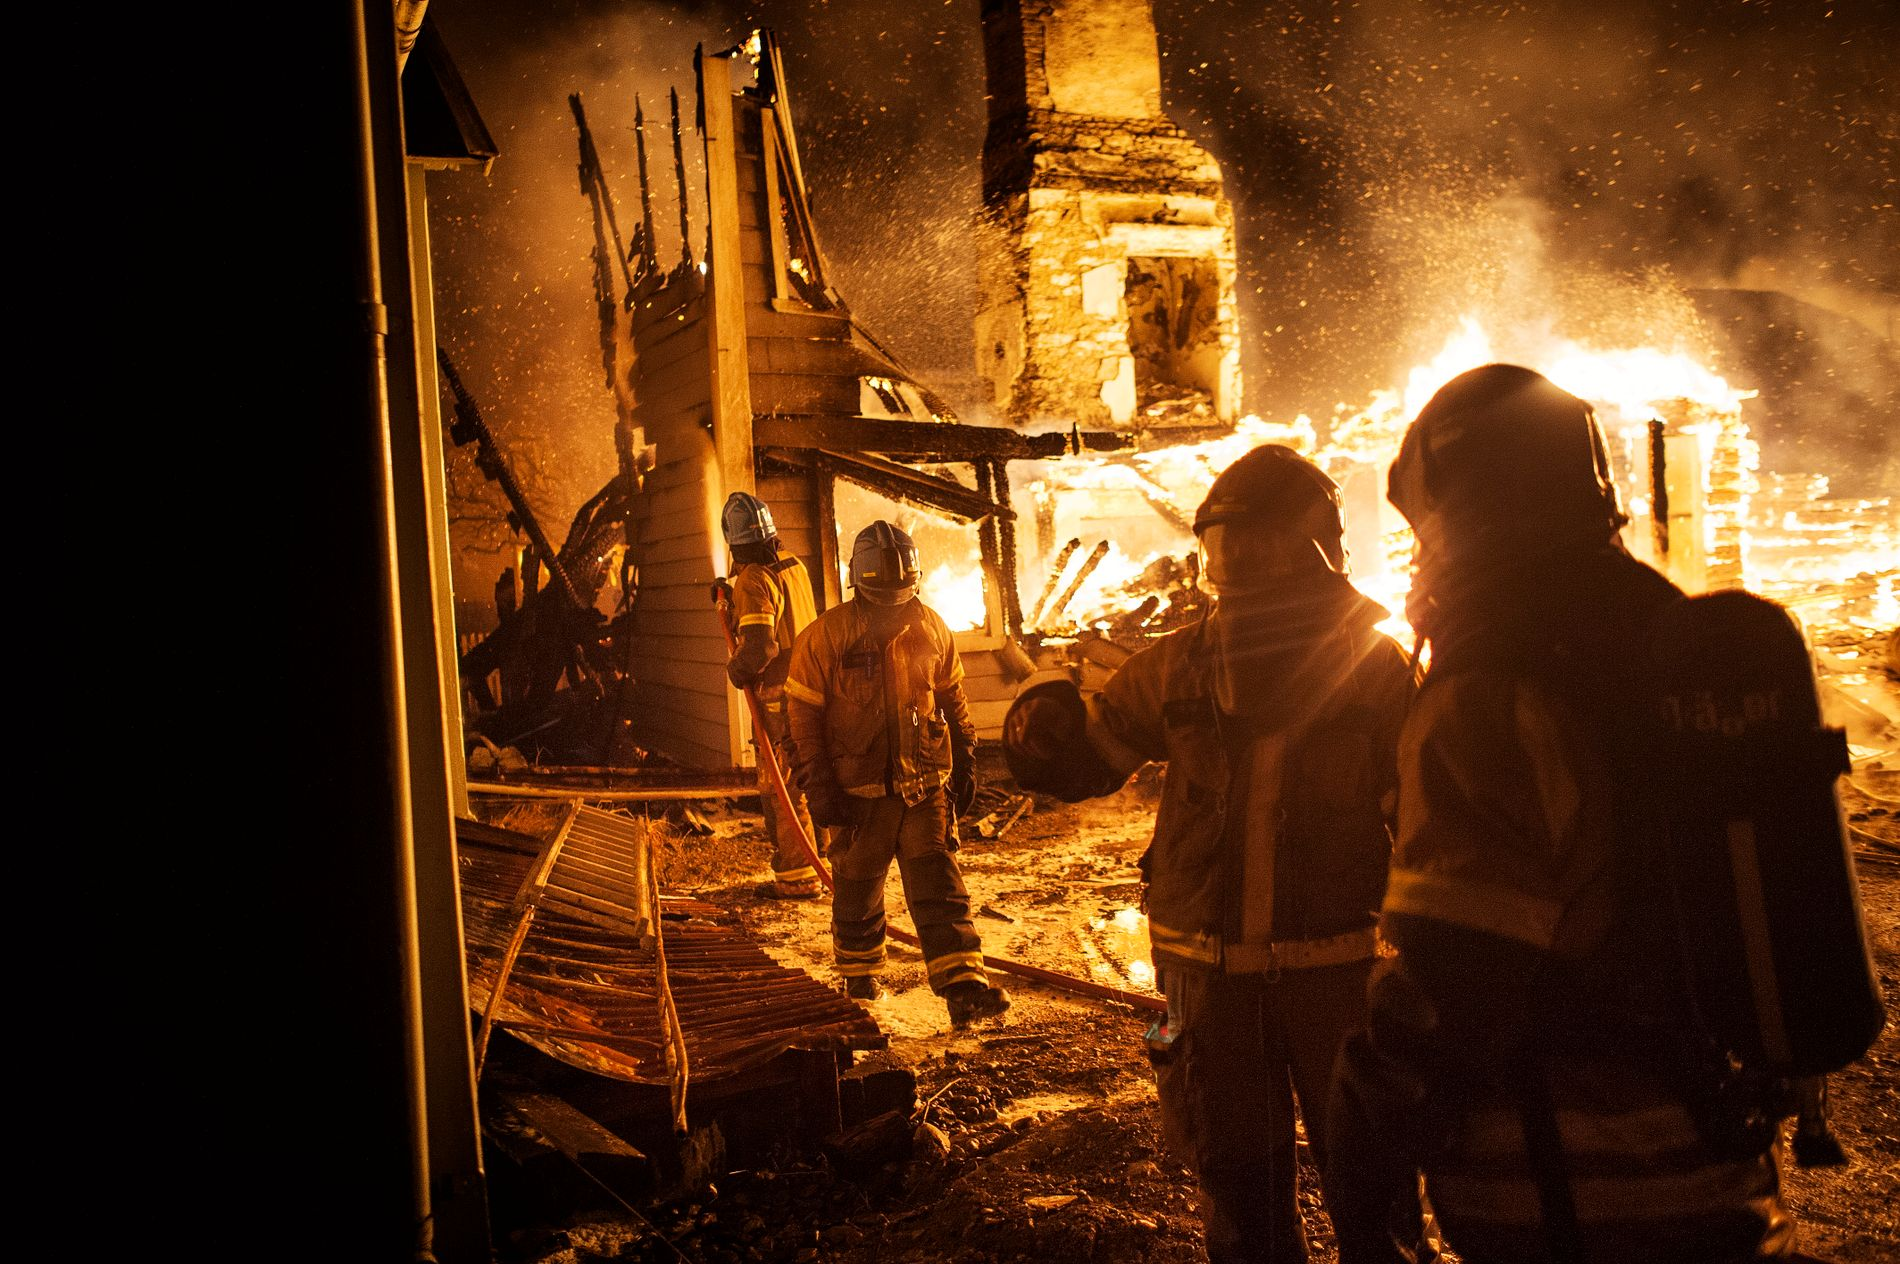 UTE AV KONTROLL: - Å ha en beredskap som hadde håndtert denne hendelsen slik at den ikke kom ut av kontroll, tror jeg er så godt som umulig, sier Terje Brandsøy, dagleg leder ved 110-alarmsentralen i Florø.